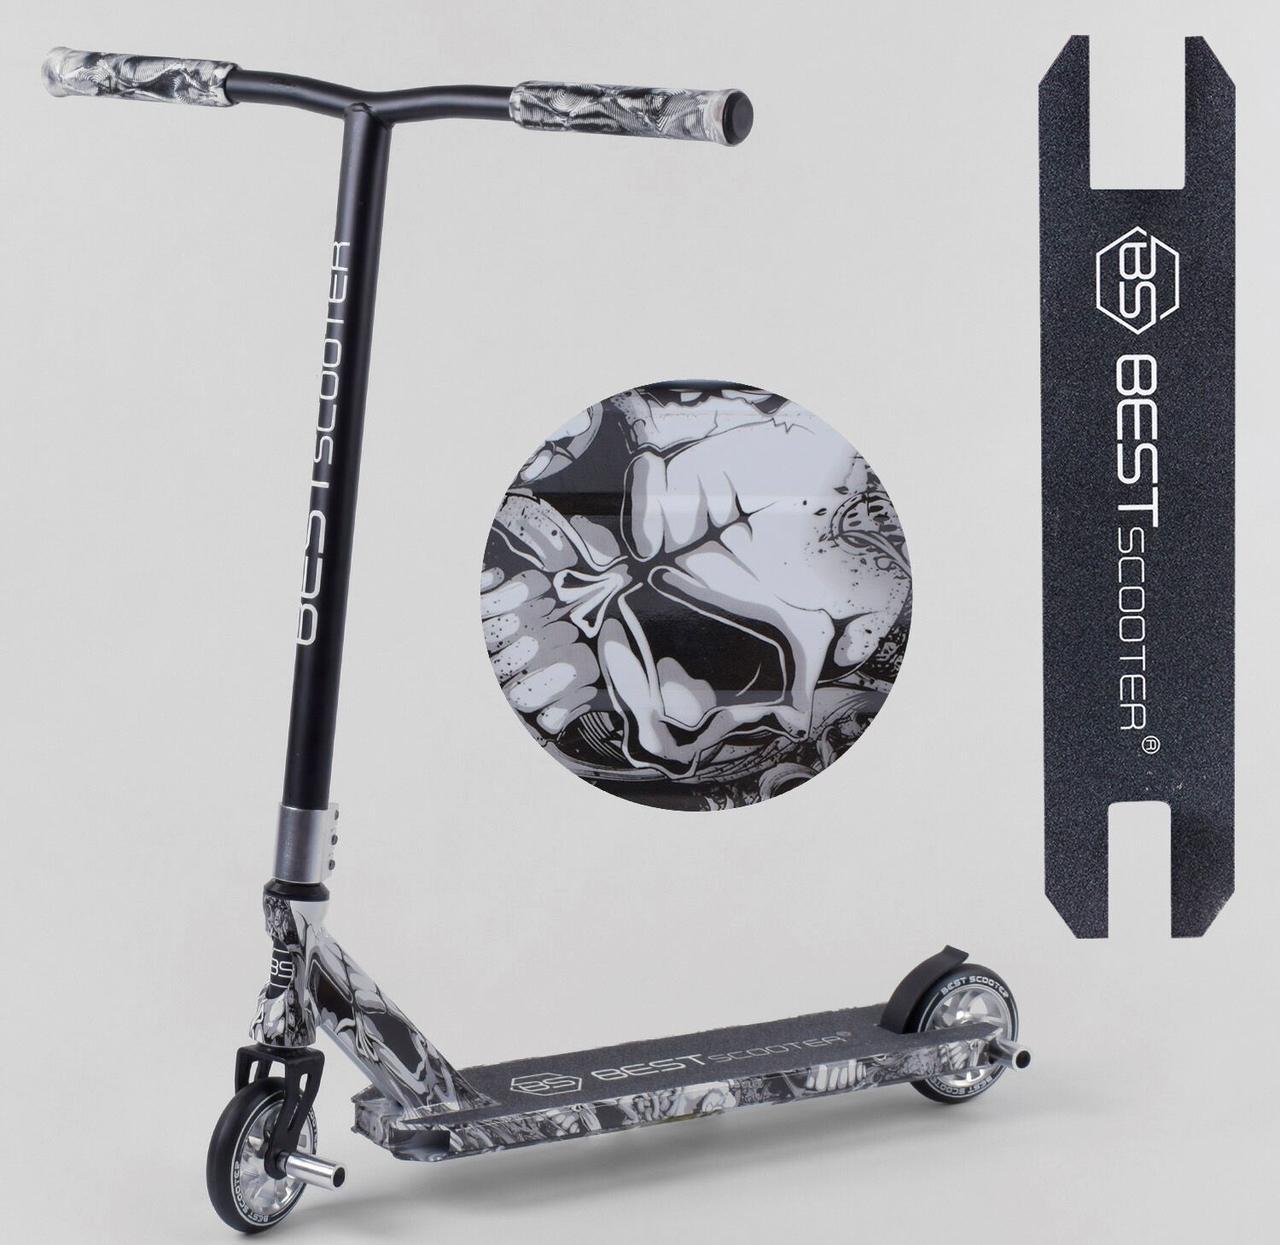 Самокат трюковый 93215 Best Scooter HIC-система, ПЕГИ, алюминиевый диск и дека, колёса PU, d=110мм